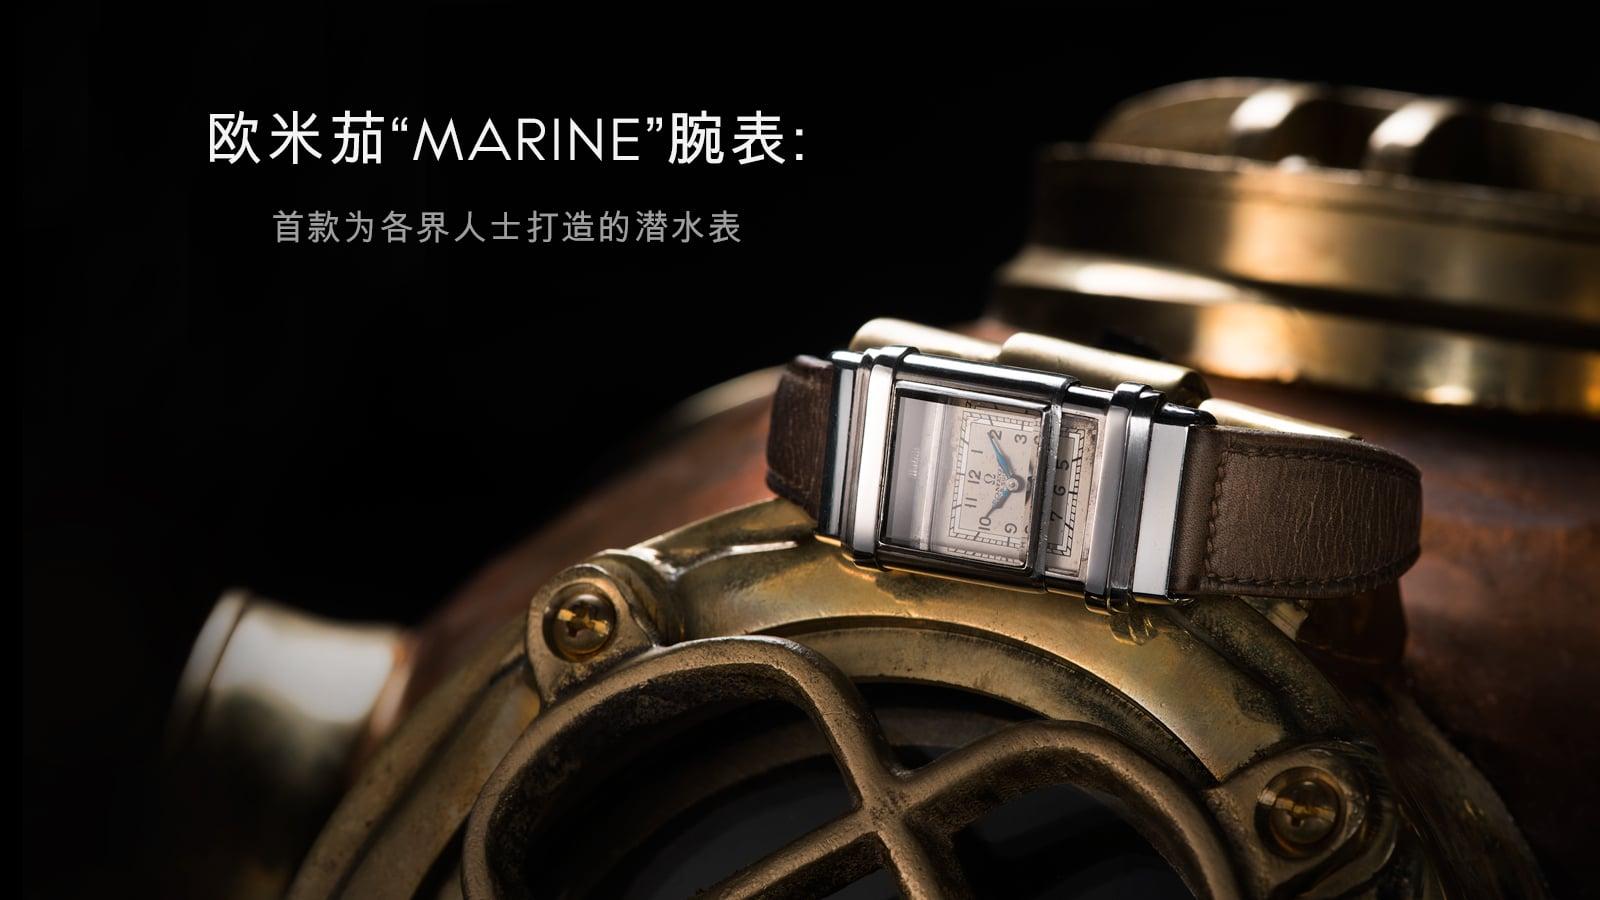 欧米茄腕表: 海洋情缘 - 滑动 1 - 10566